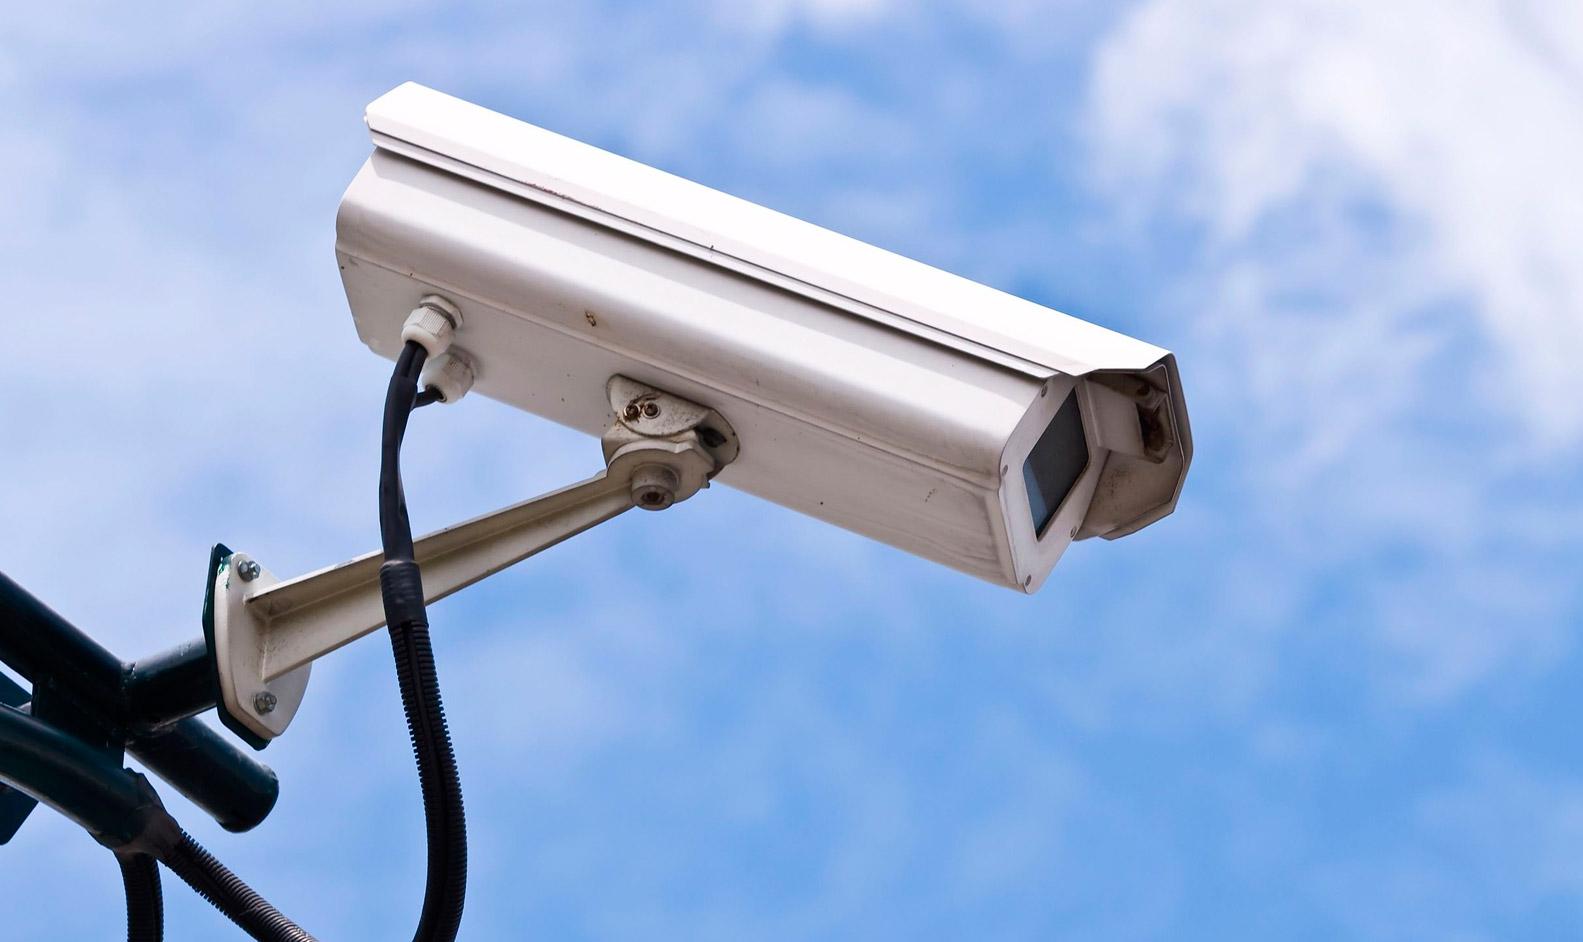 В Киеве появилось более сотни камер с распознаванием лиц и номеров автомобилей 1